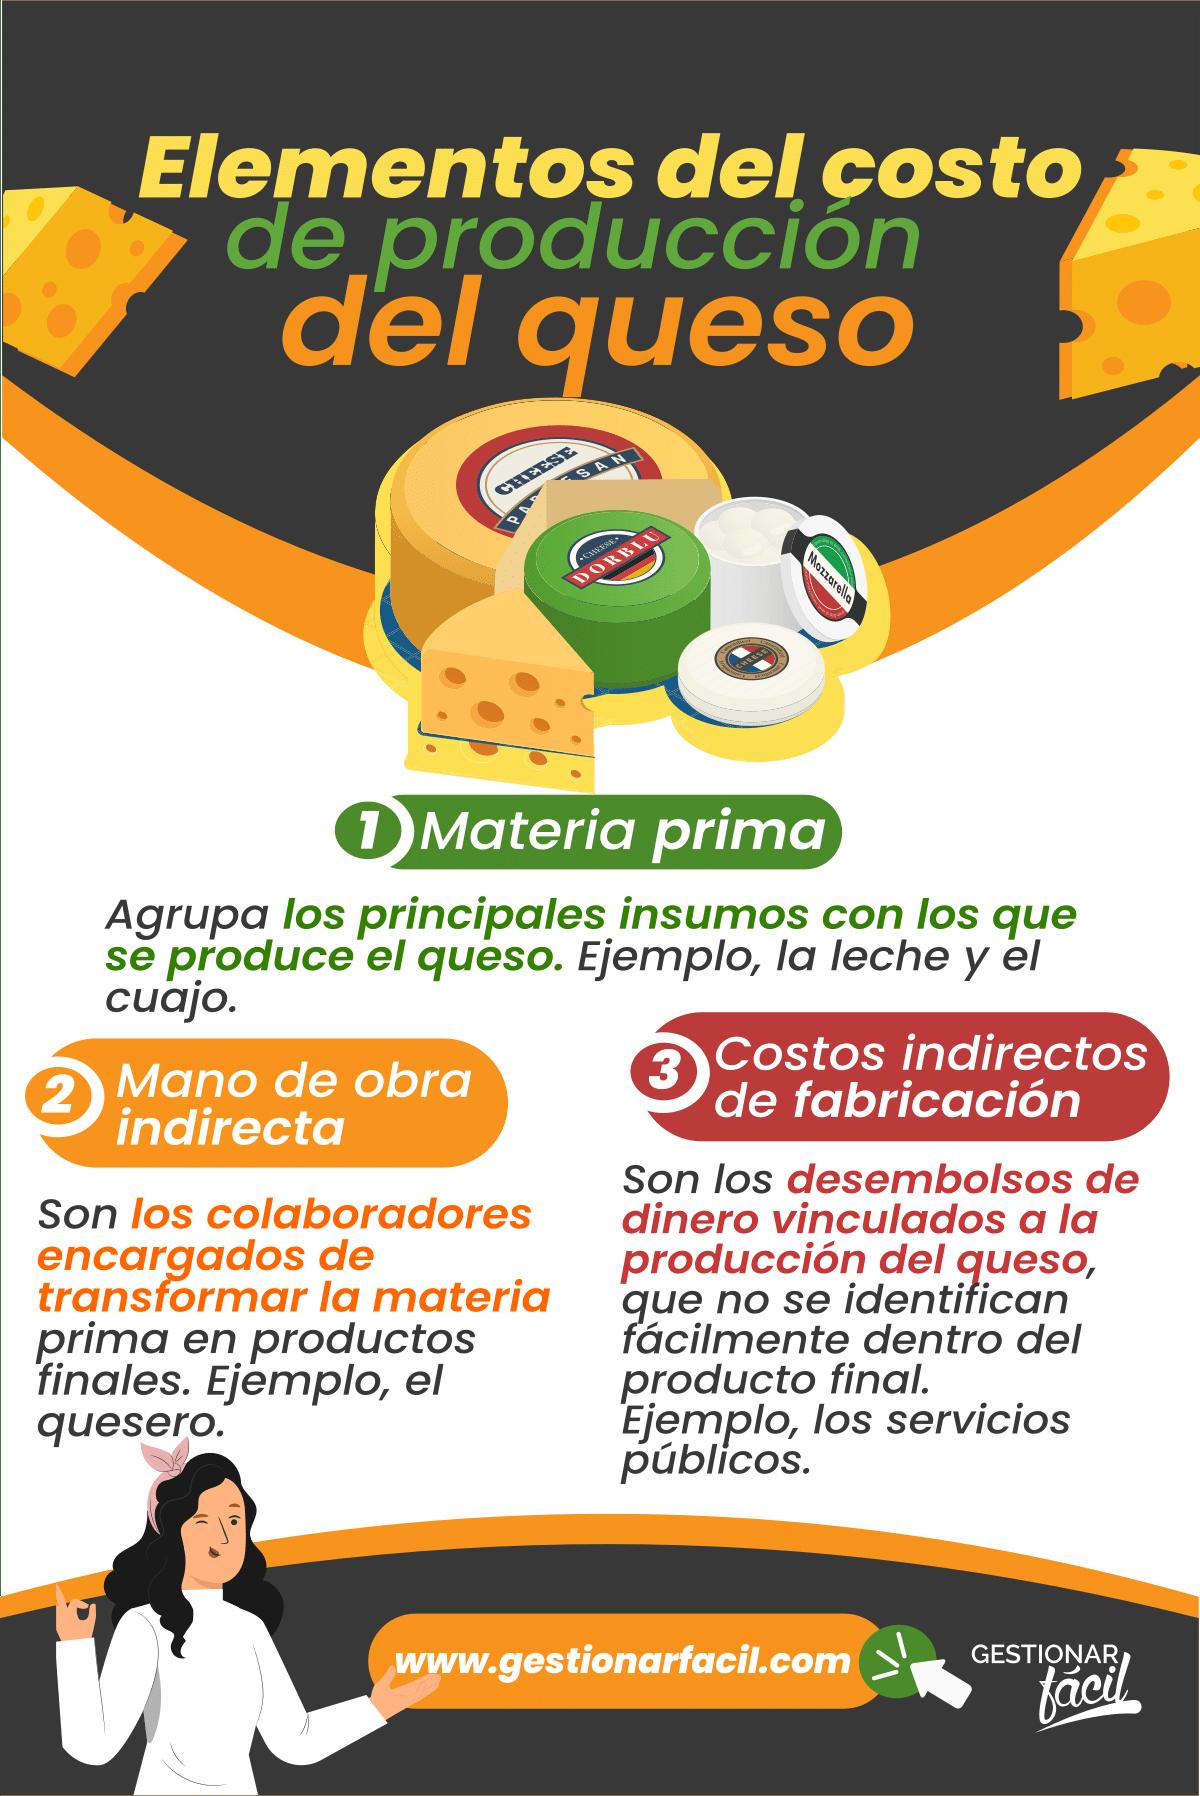 Elementos que forman parte del costo de producción del queso.